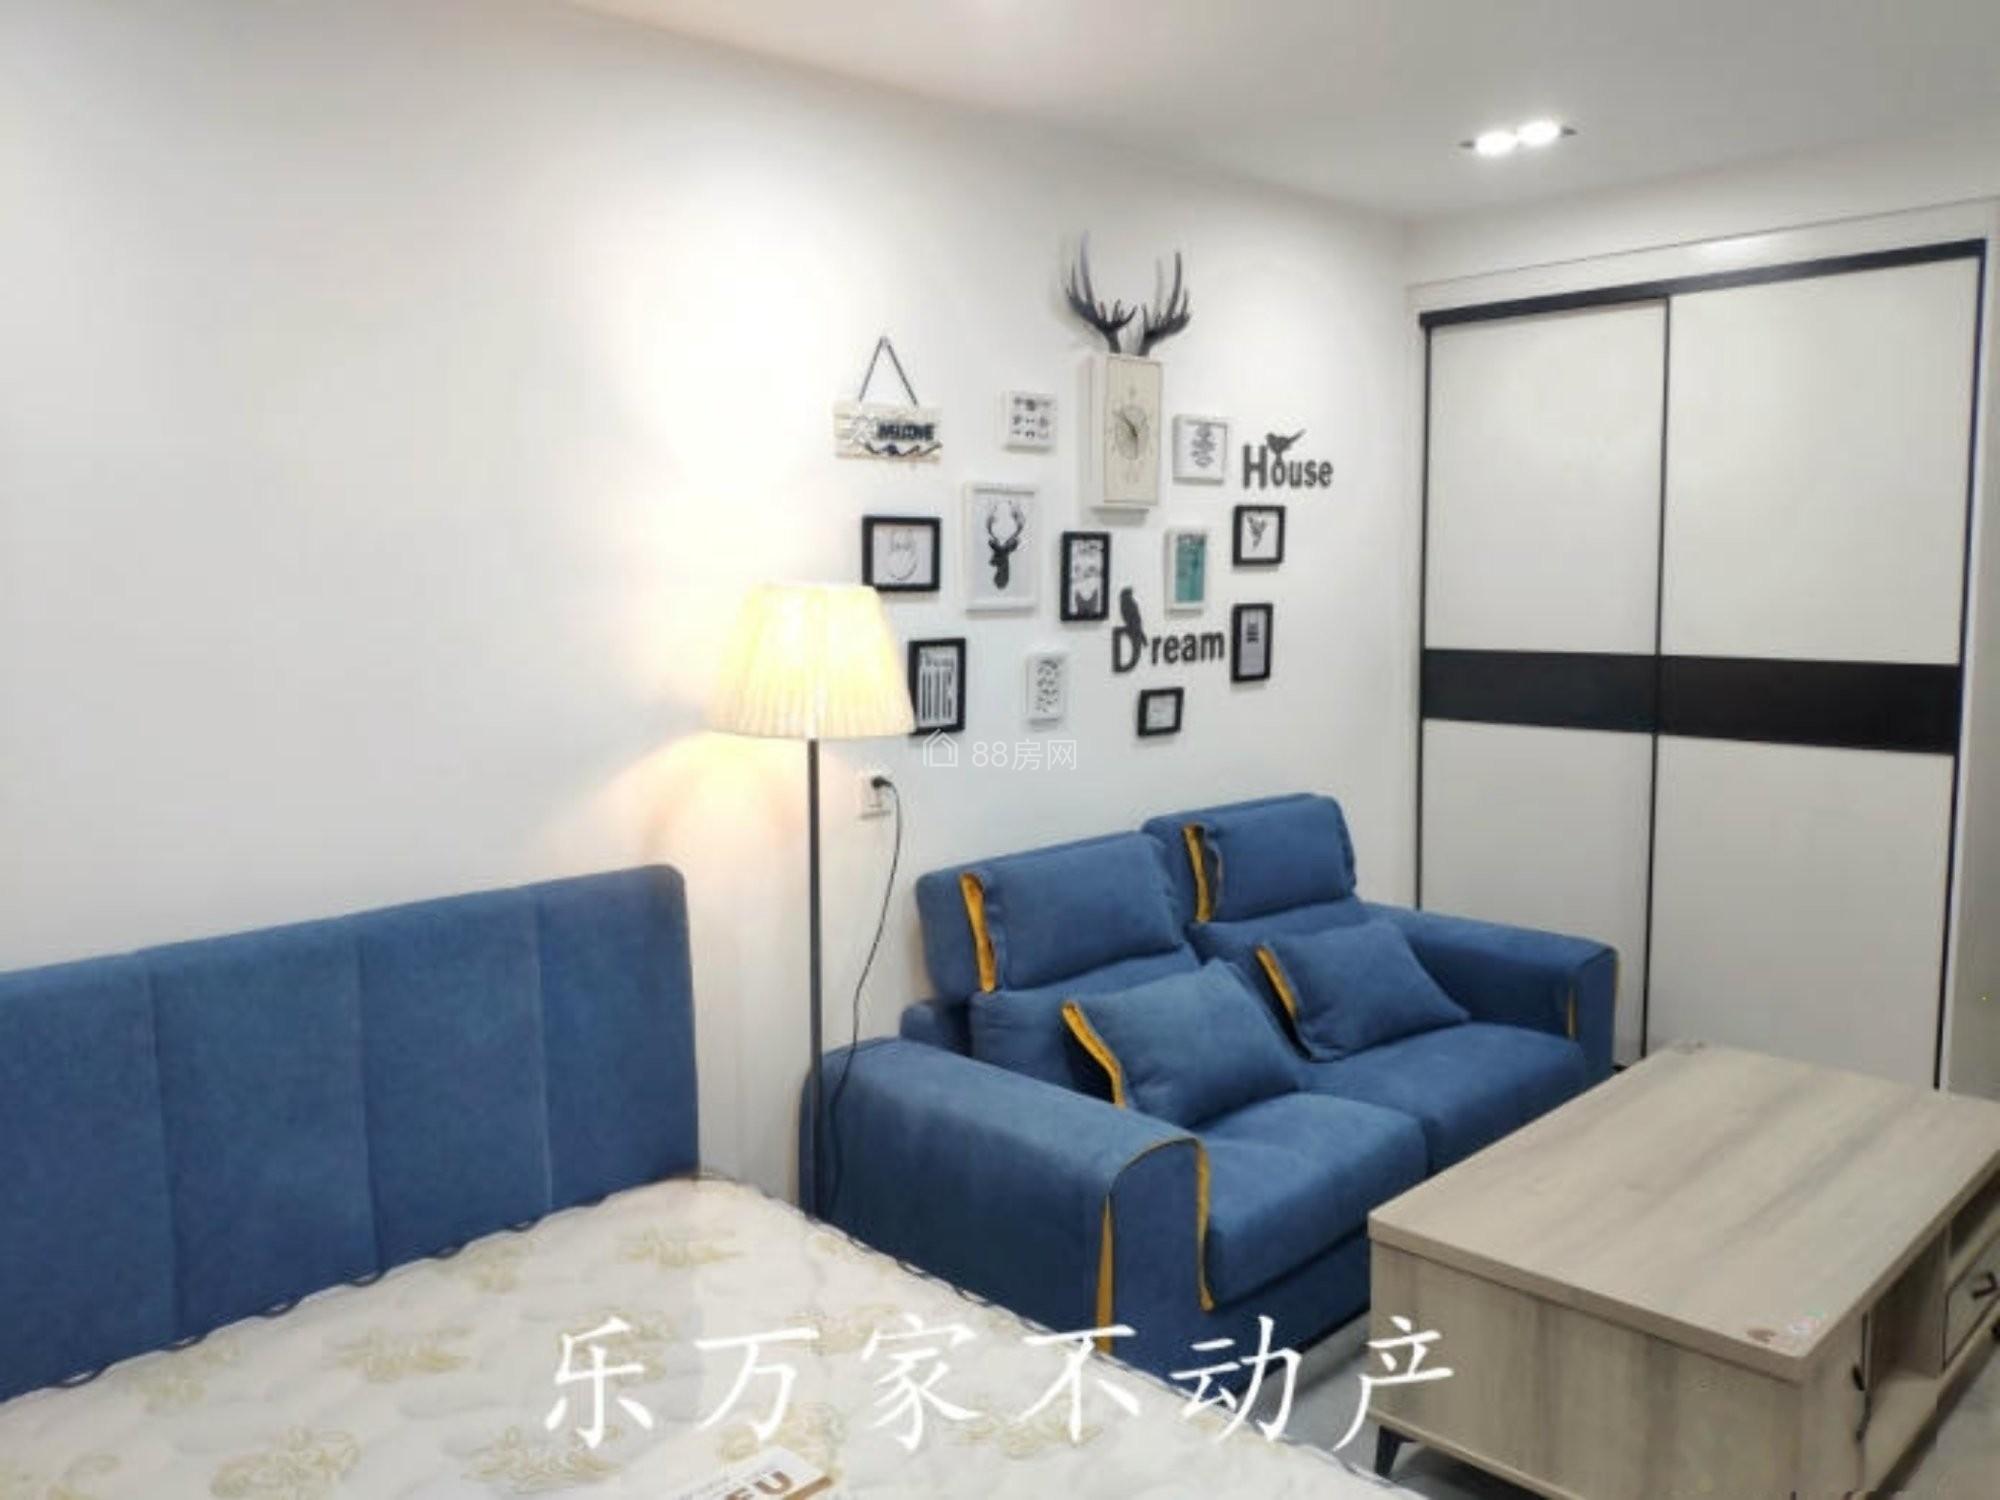 全新公寓首租~家具家电全齐 密码锁入户 泰华近 国王菲比近